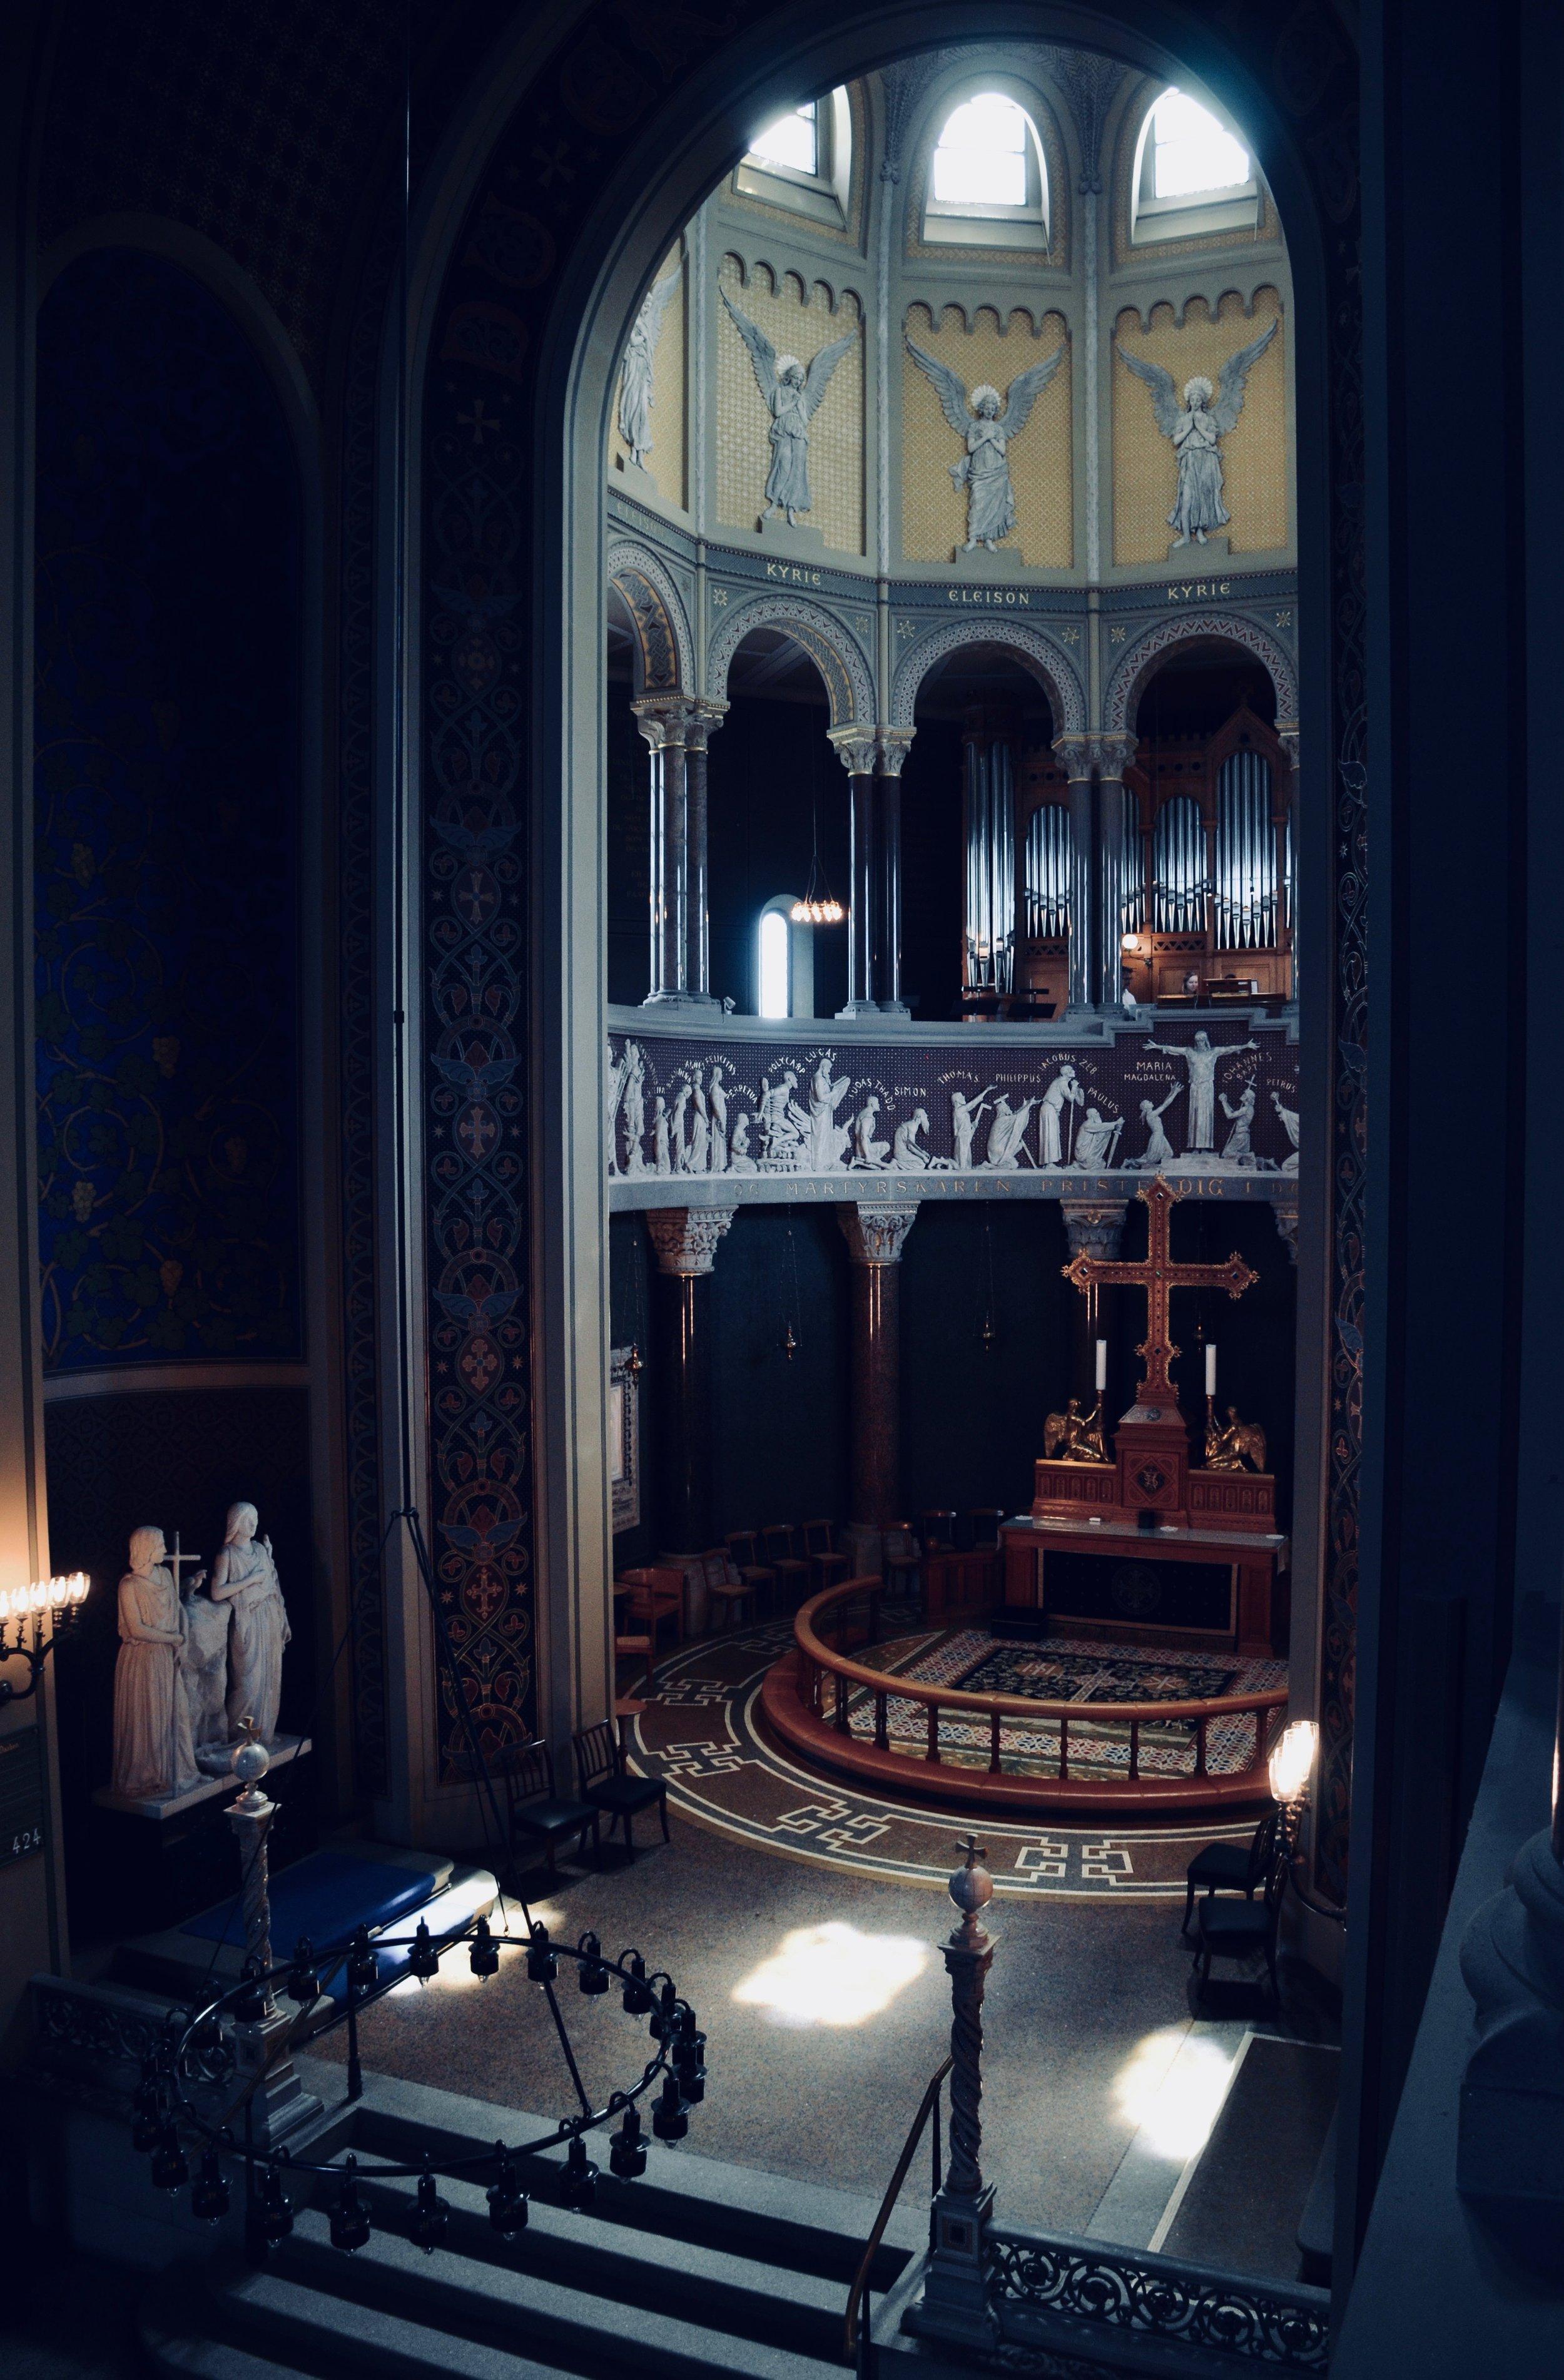 1890 Cavaillé-Coll organ, Jesuskirke, Copenhagen.